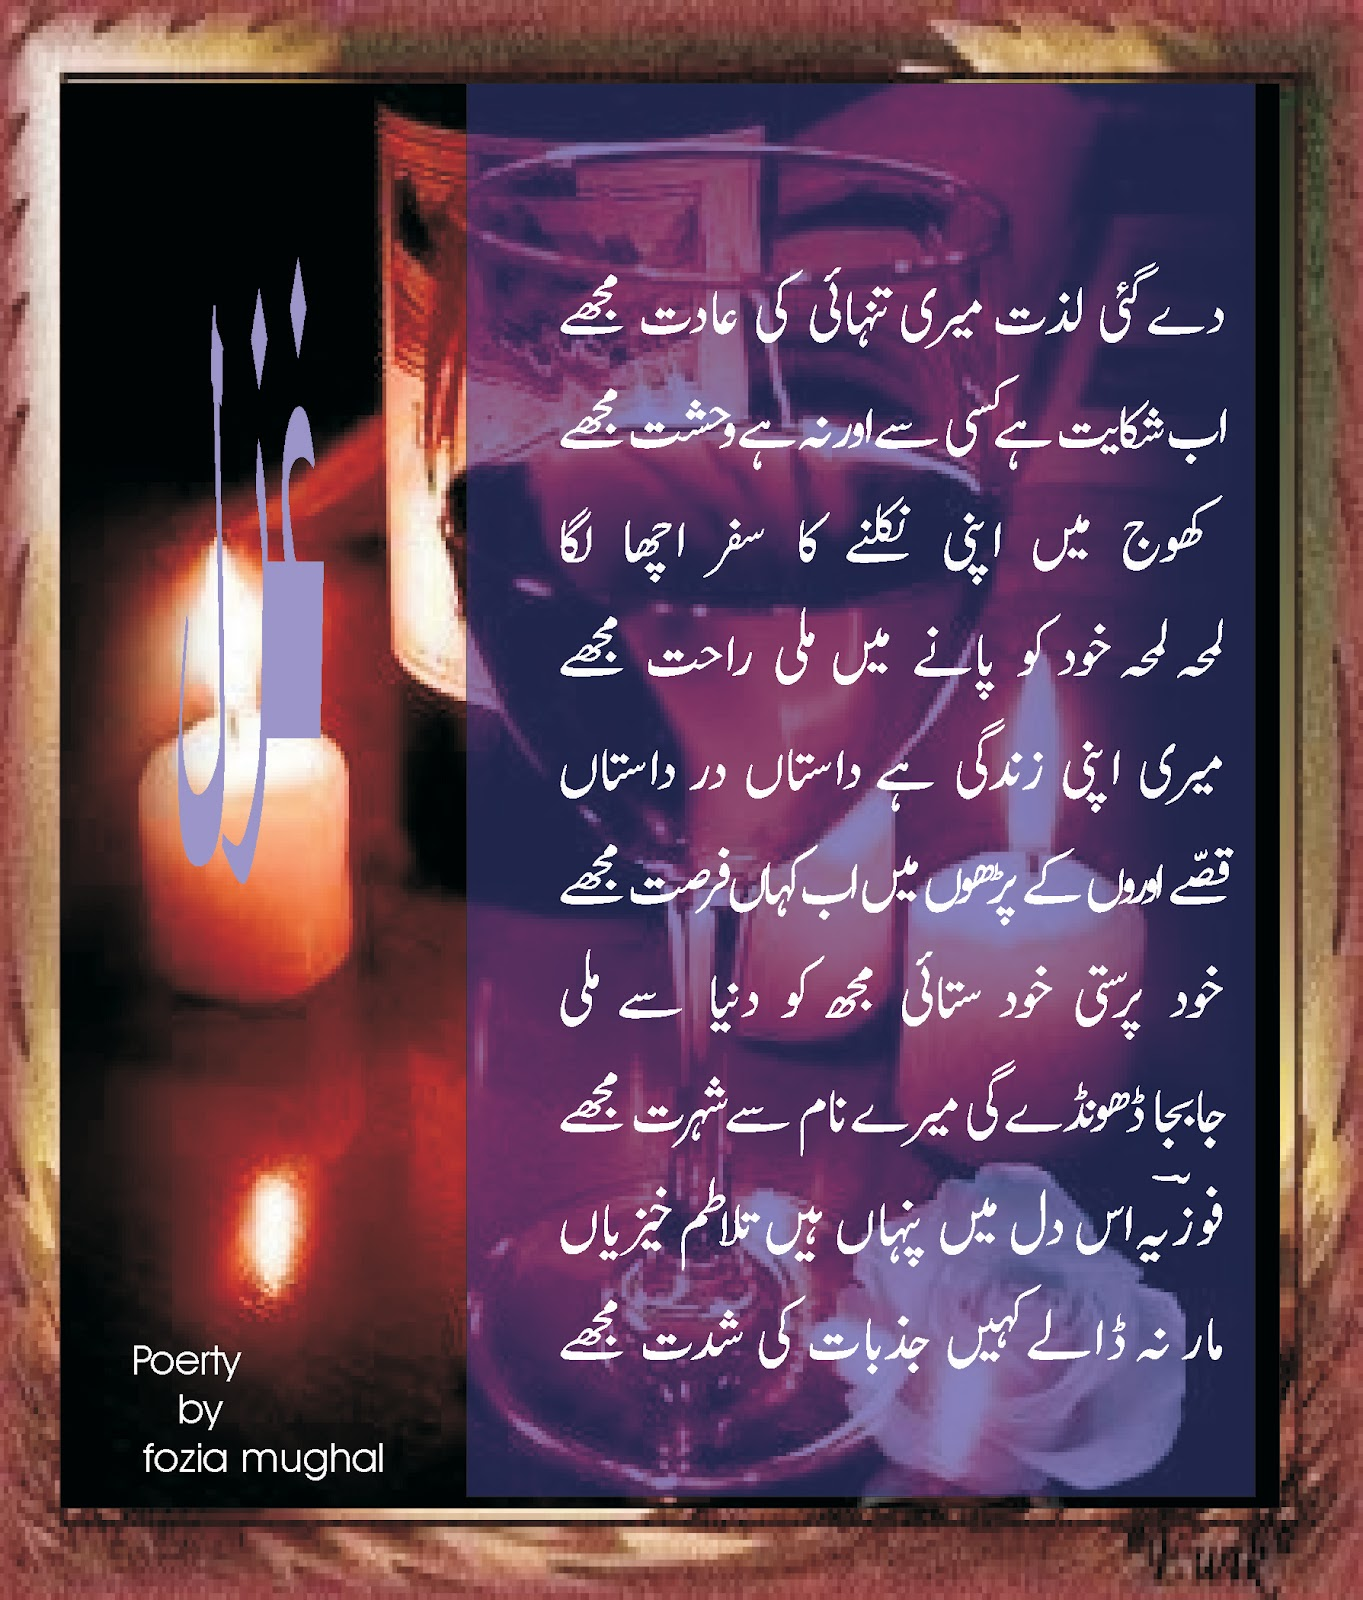 romantic urdu poetry by fozia mughal